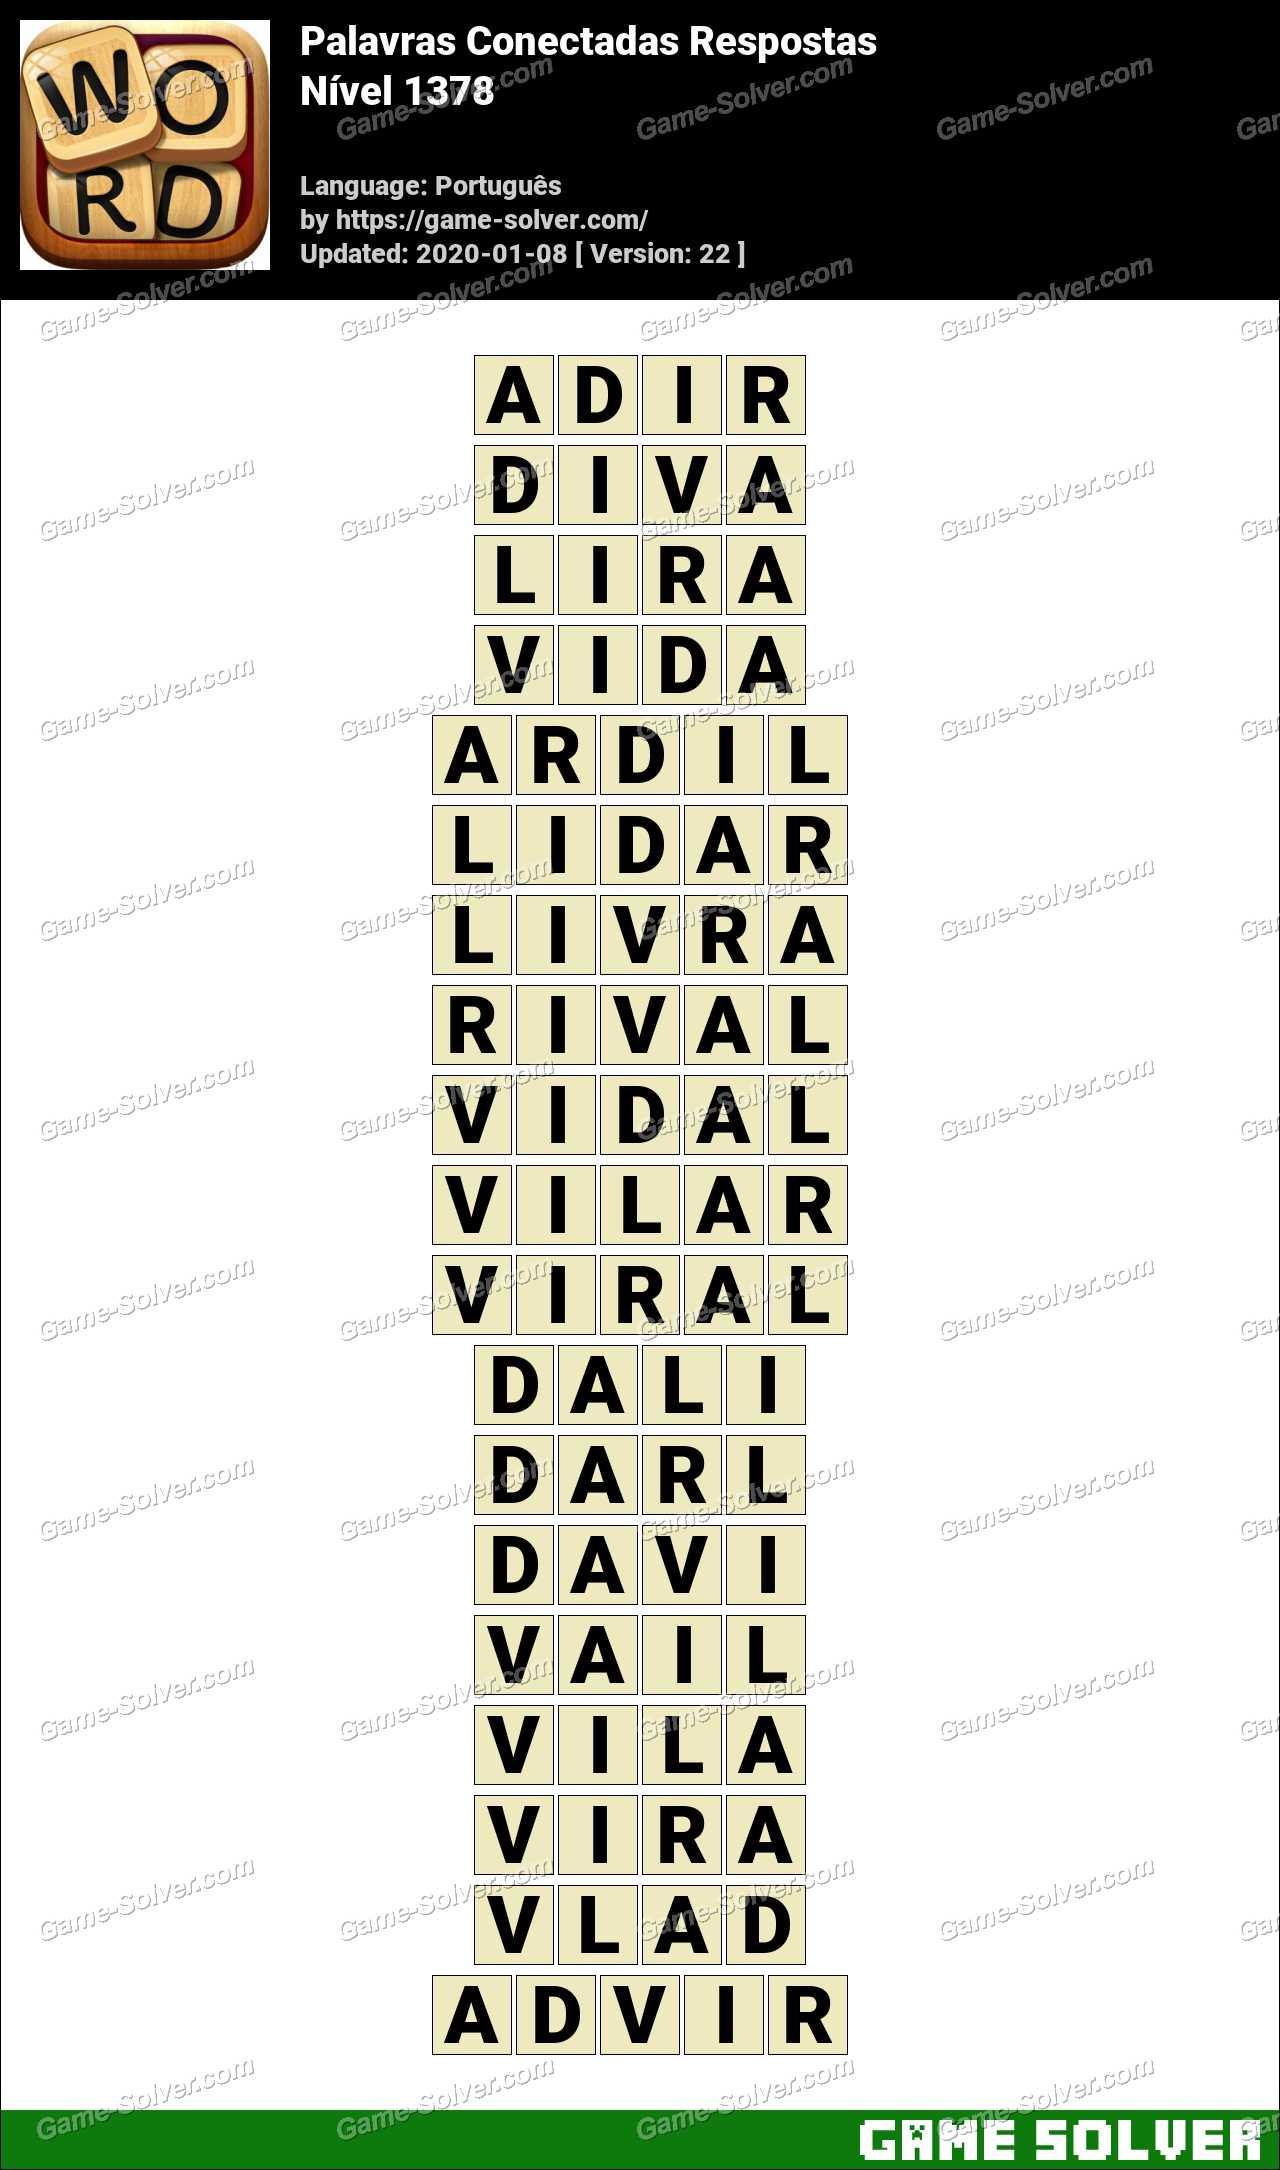 Palavras Conectadas Nivel 1378 Respostas